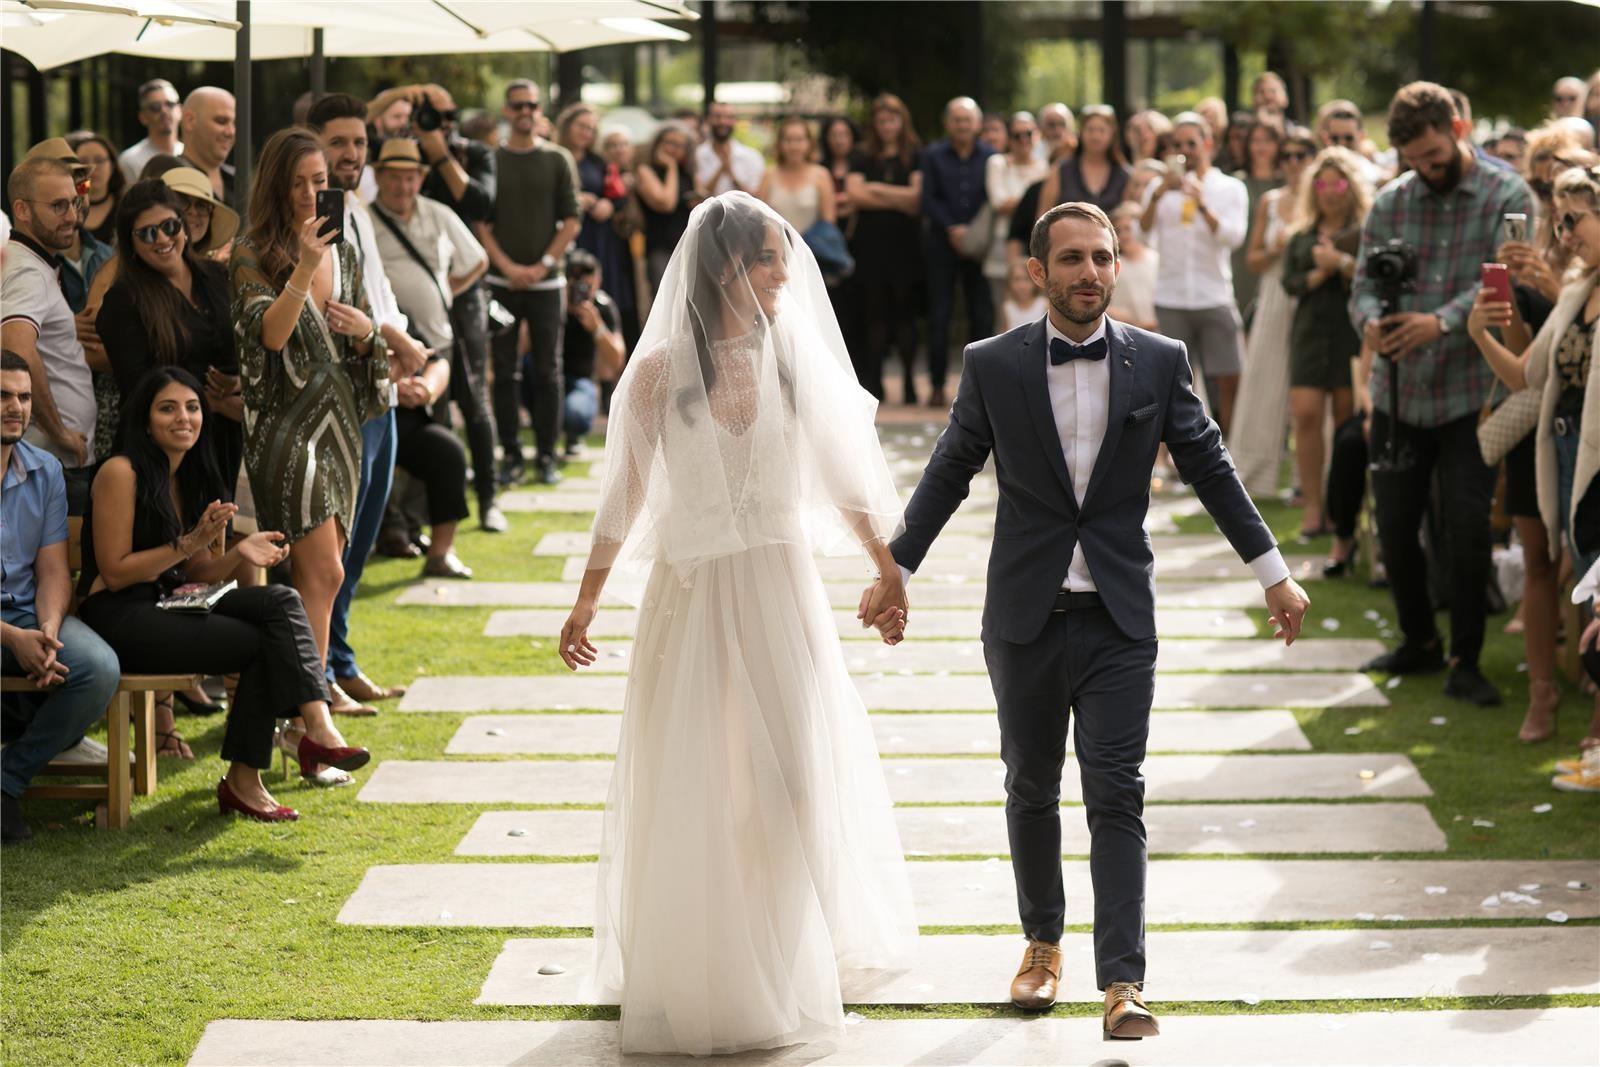 חתונת בריכה בצל החורש (צילום: אלעד פיפל)